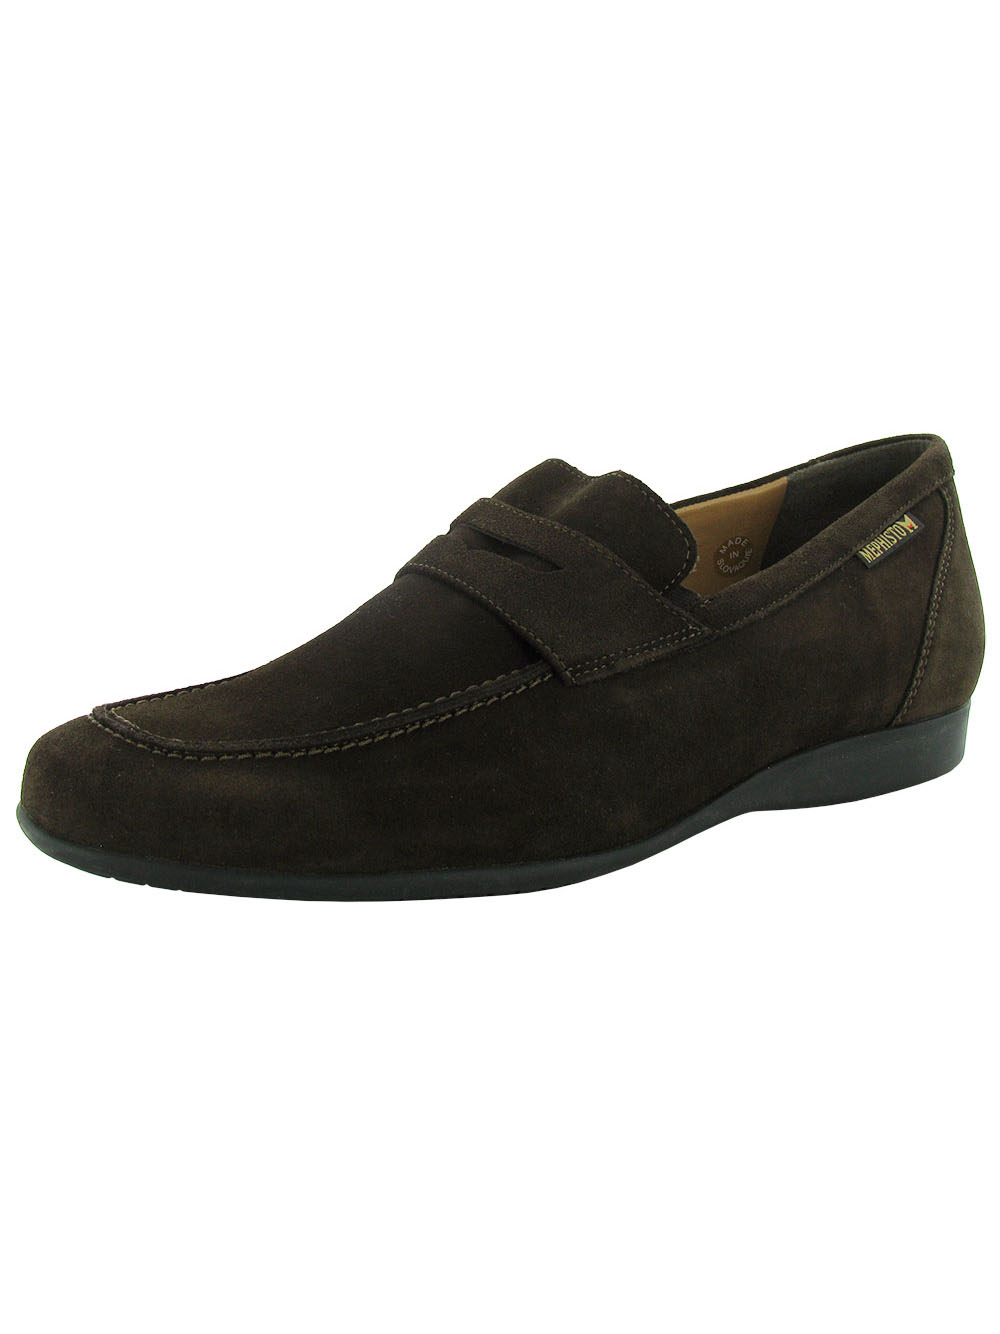 Mephisto Mens 'Kazak' Loafer Shoe, Dark Brown, US 9 by Mephisto